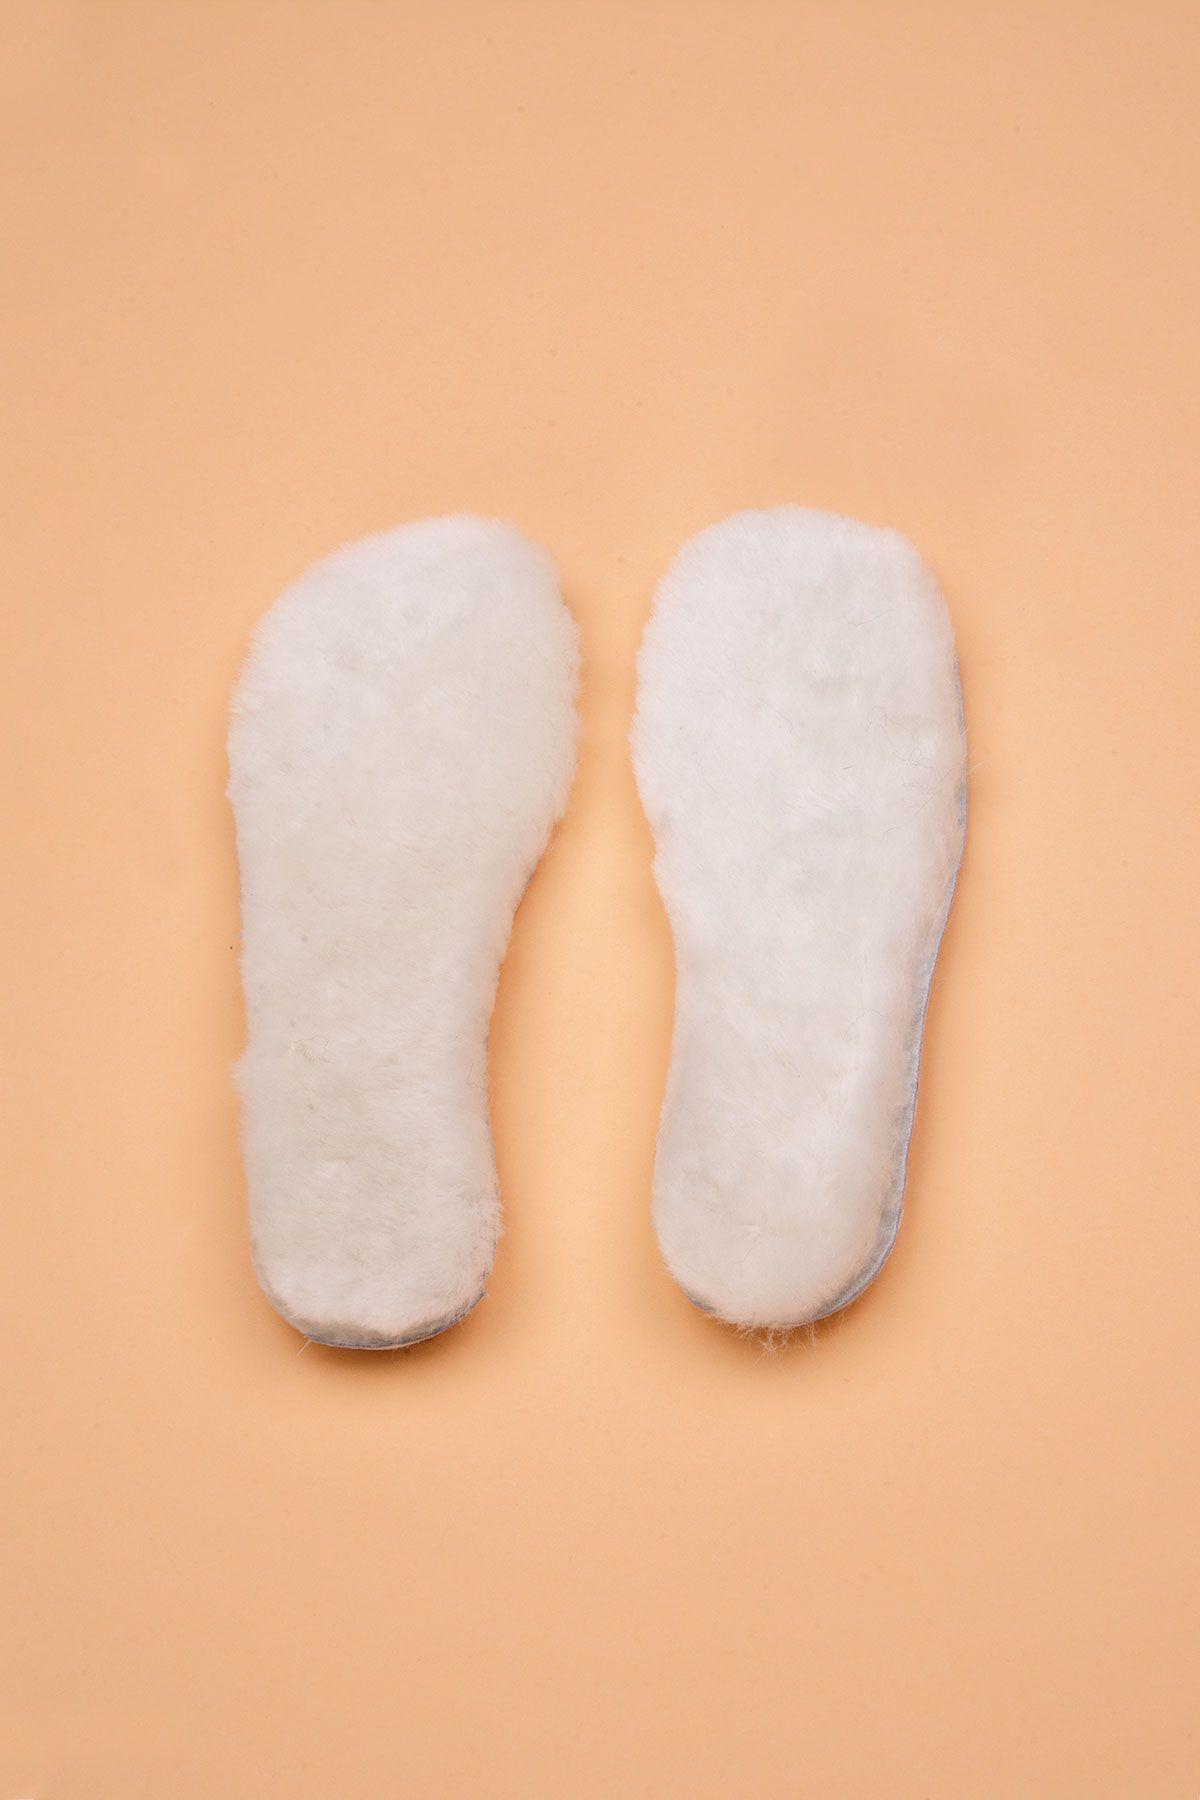 Pegia Hakiki Kürk Kadın Ayakkabı Tabanlık 20TAB20 Beyaz